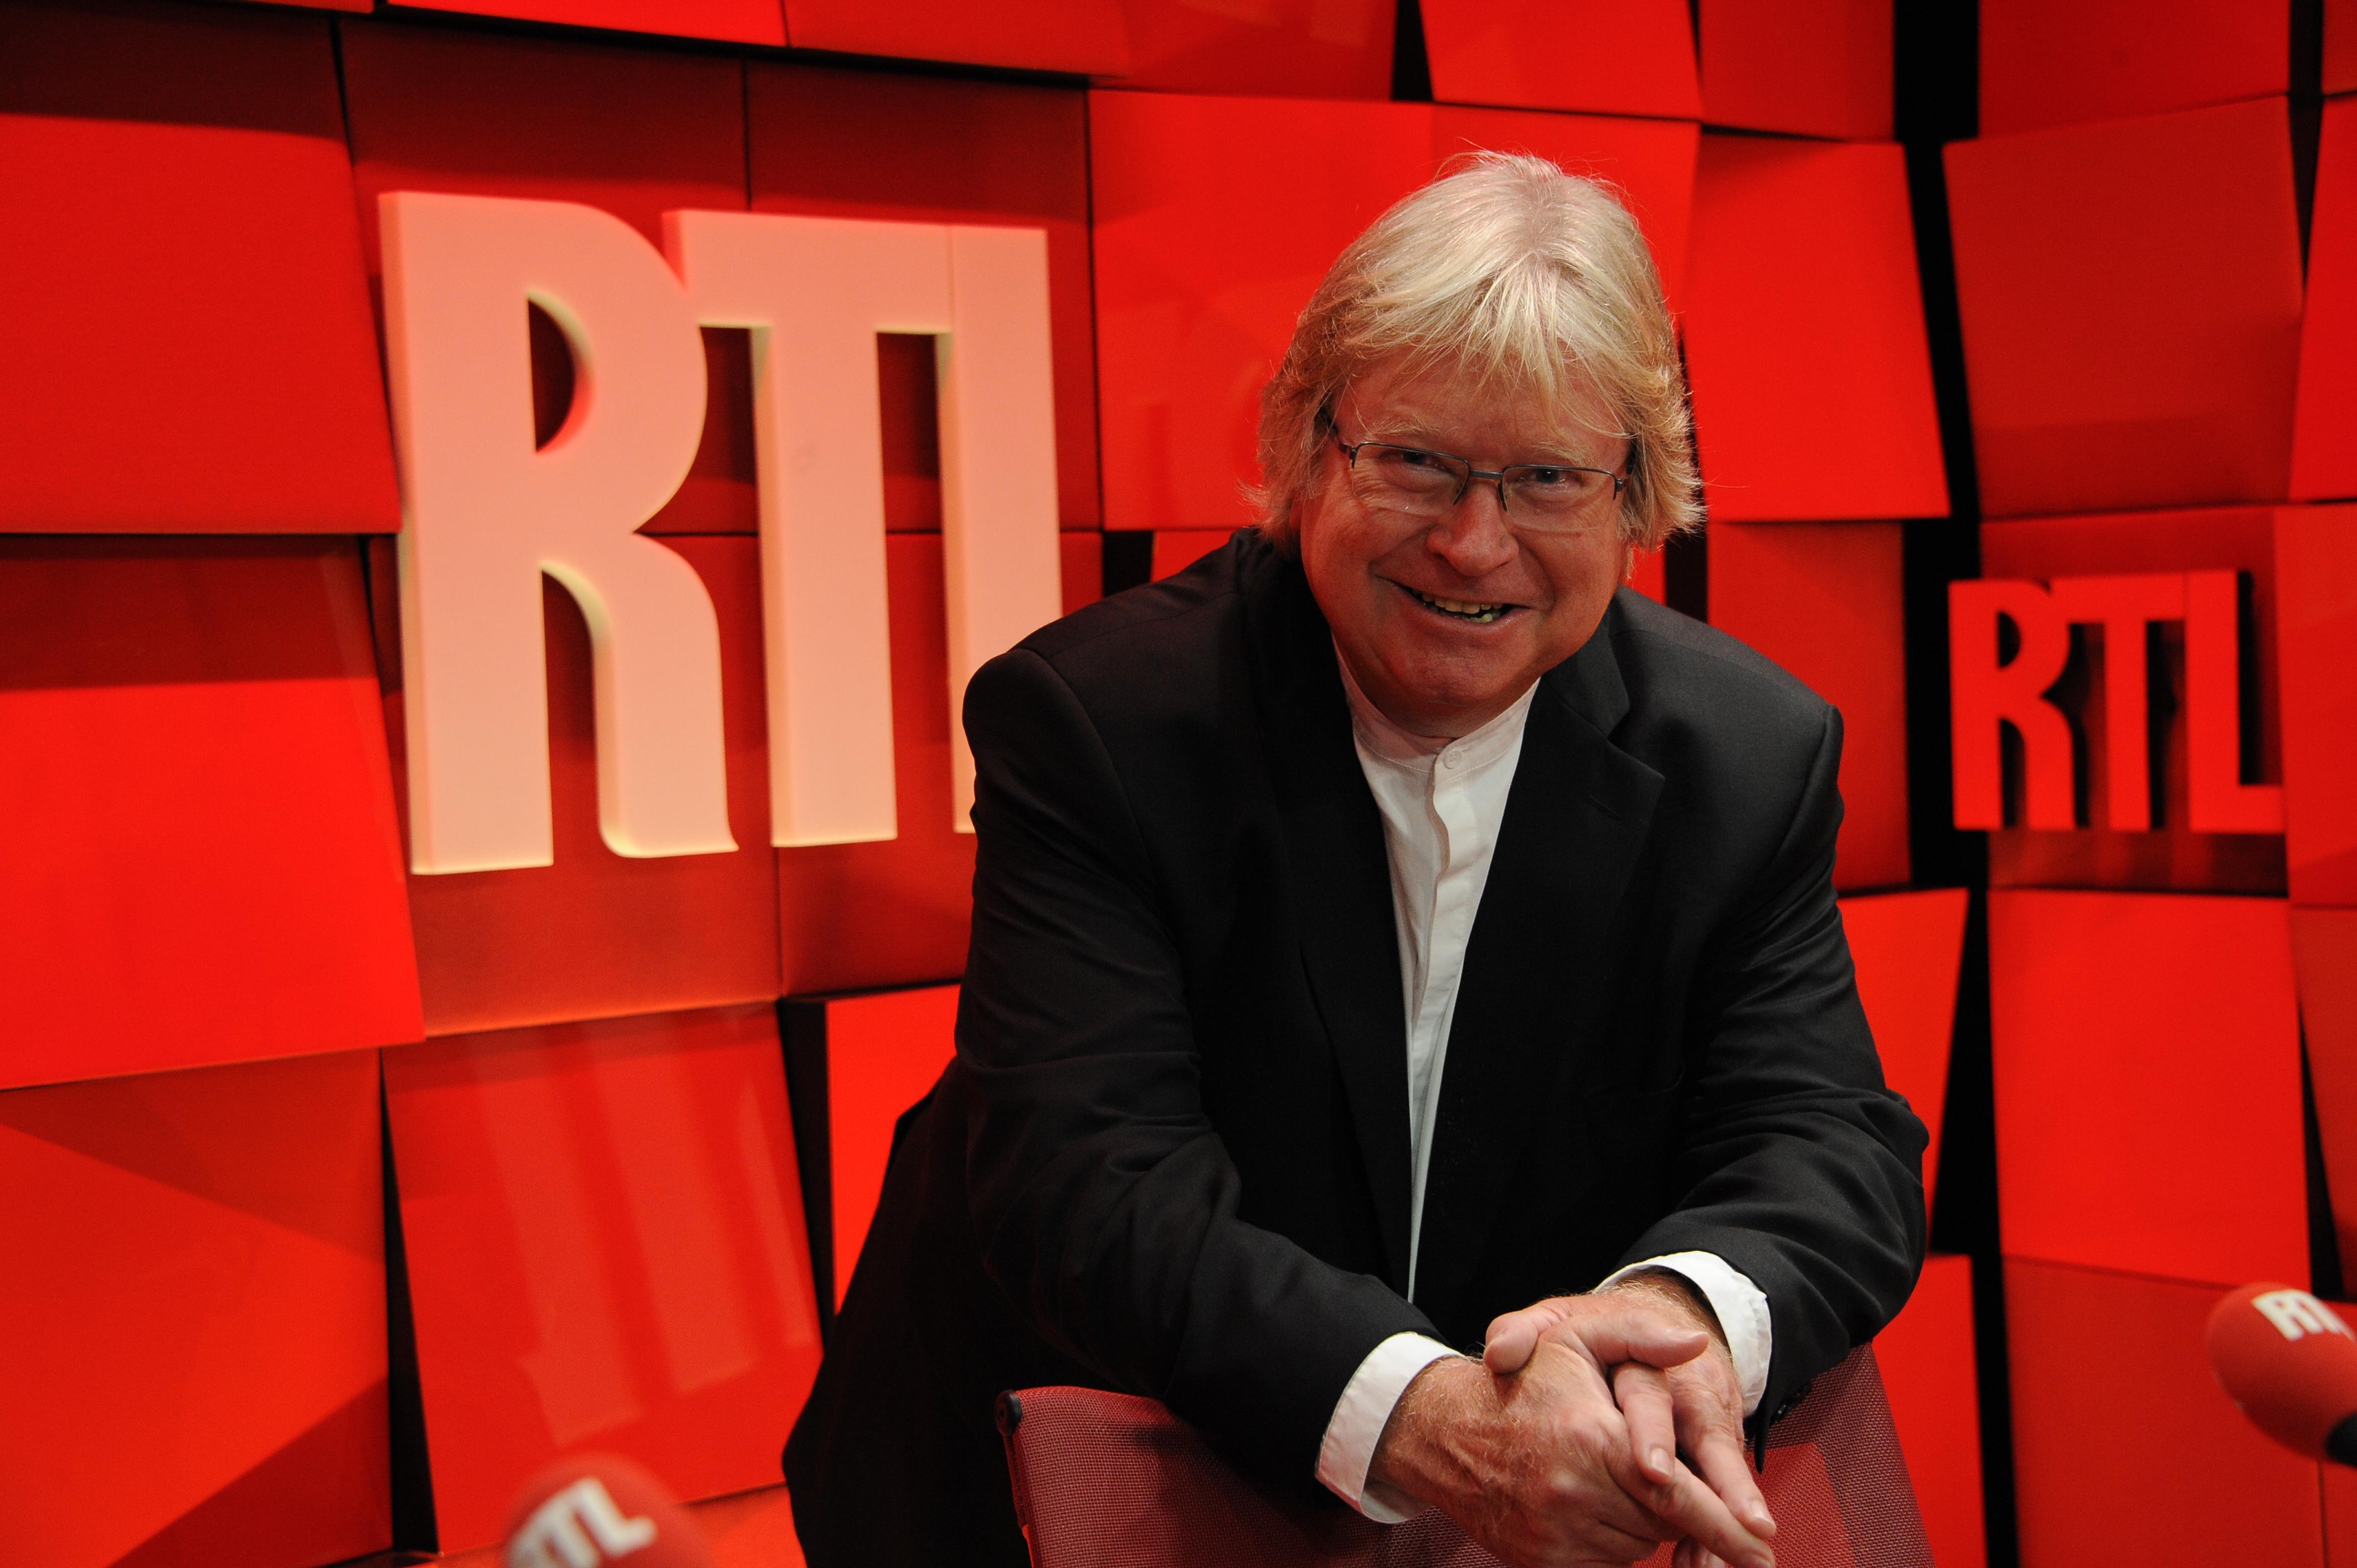 André Torrent est passé par Europe1, RMC, et même... Le Journal de Tintin. Mais c'est sur RTL qu'il fera l'essentiel de sa carrière. (Photo abaca press pour RTL)